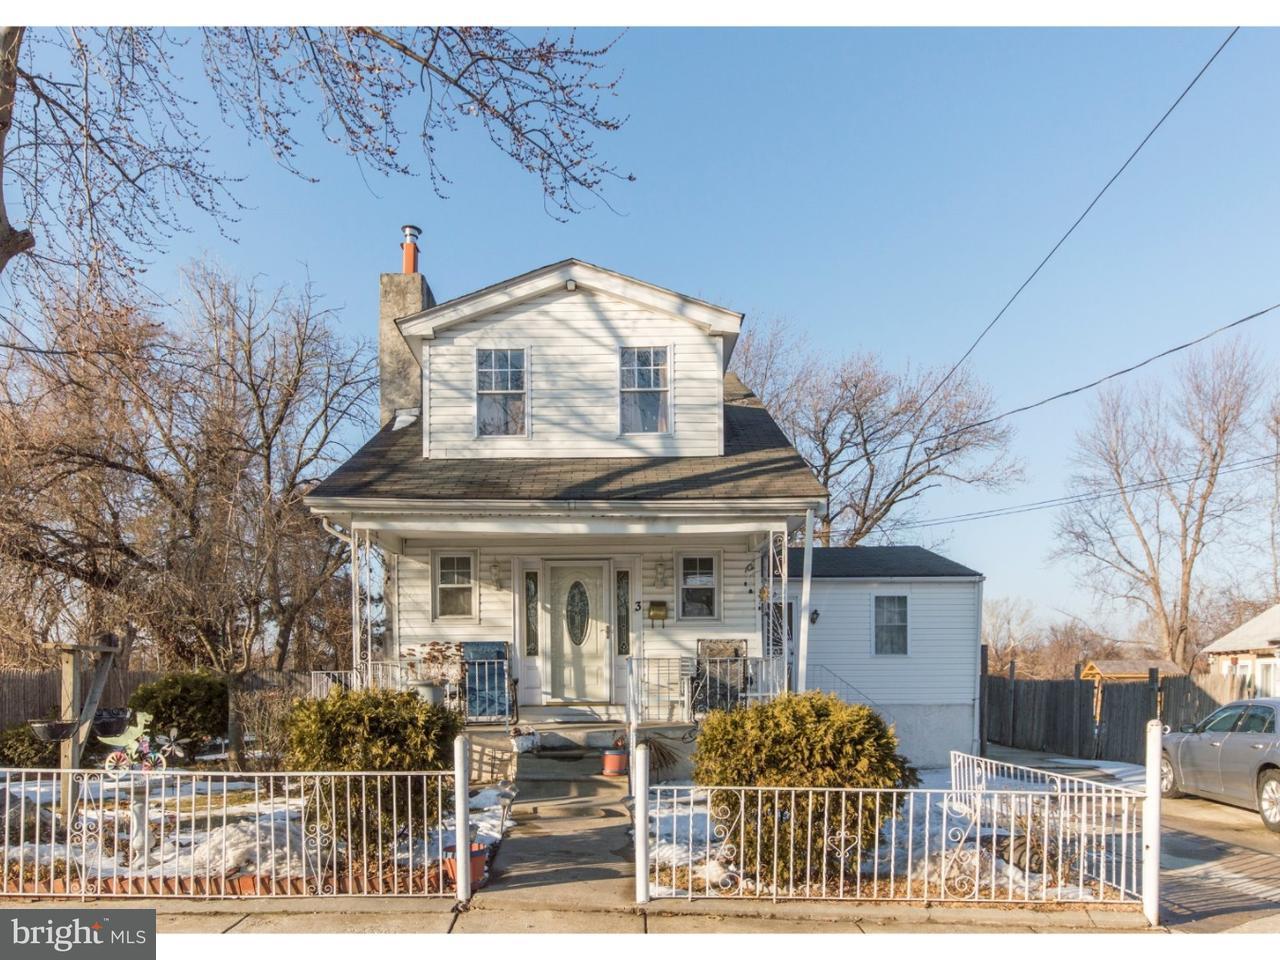 Частный односемейный дом для того Продажа на 3 BAYARD Avenue Sharon Hill, Пенсильвания 19079 Соединенные Штаты